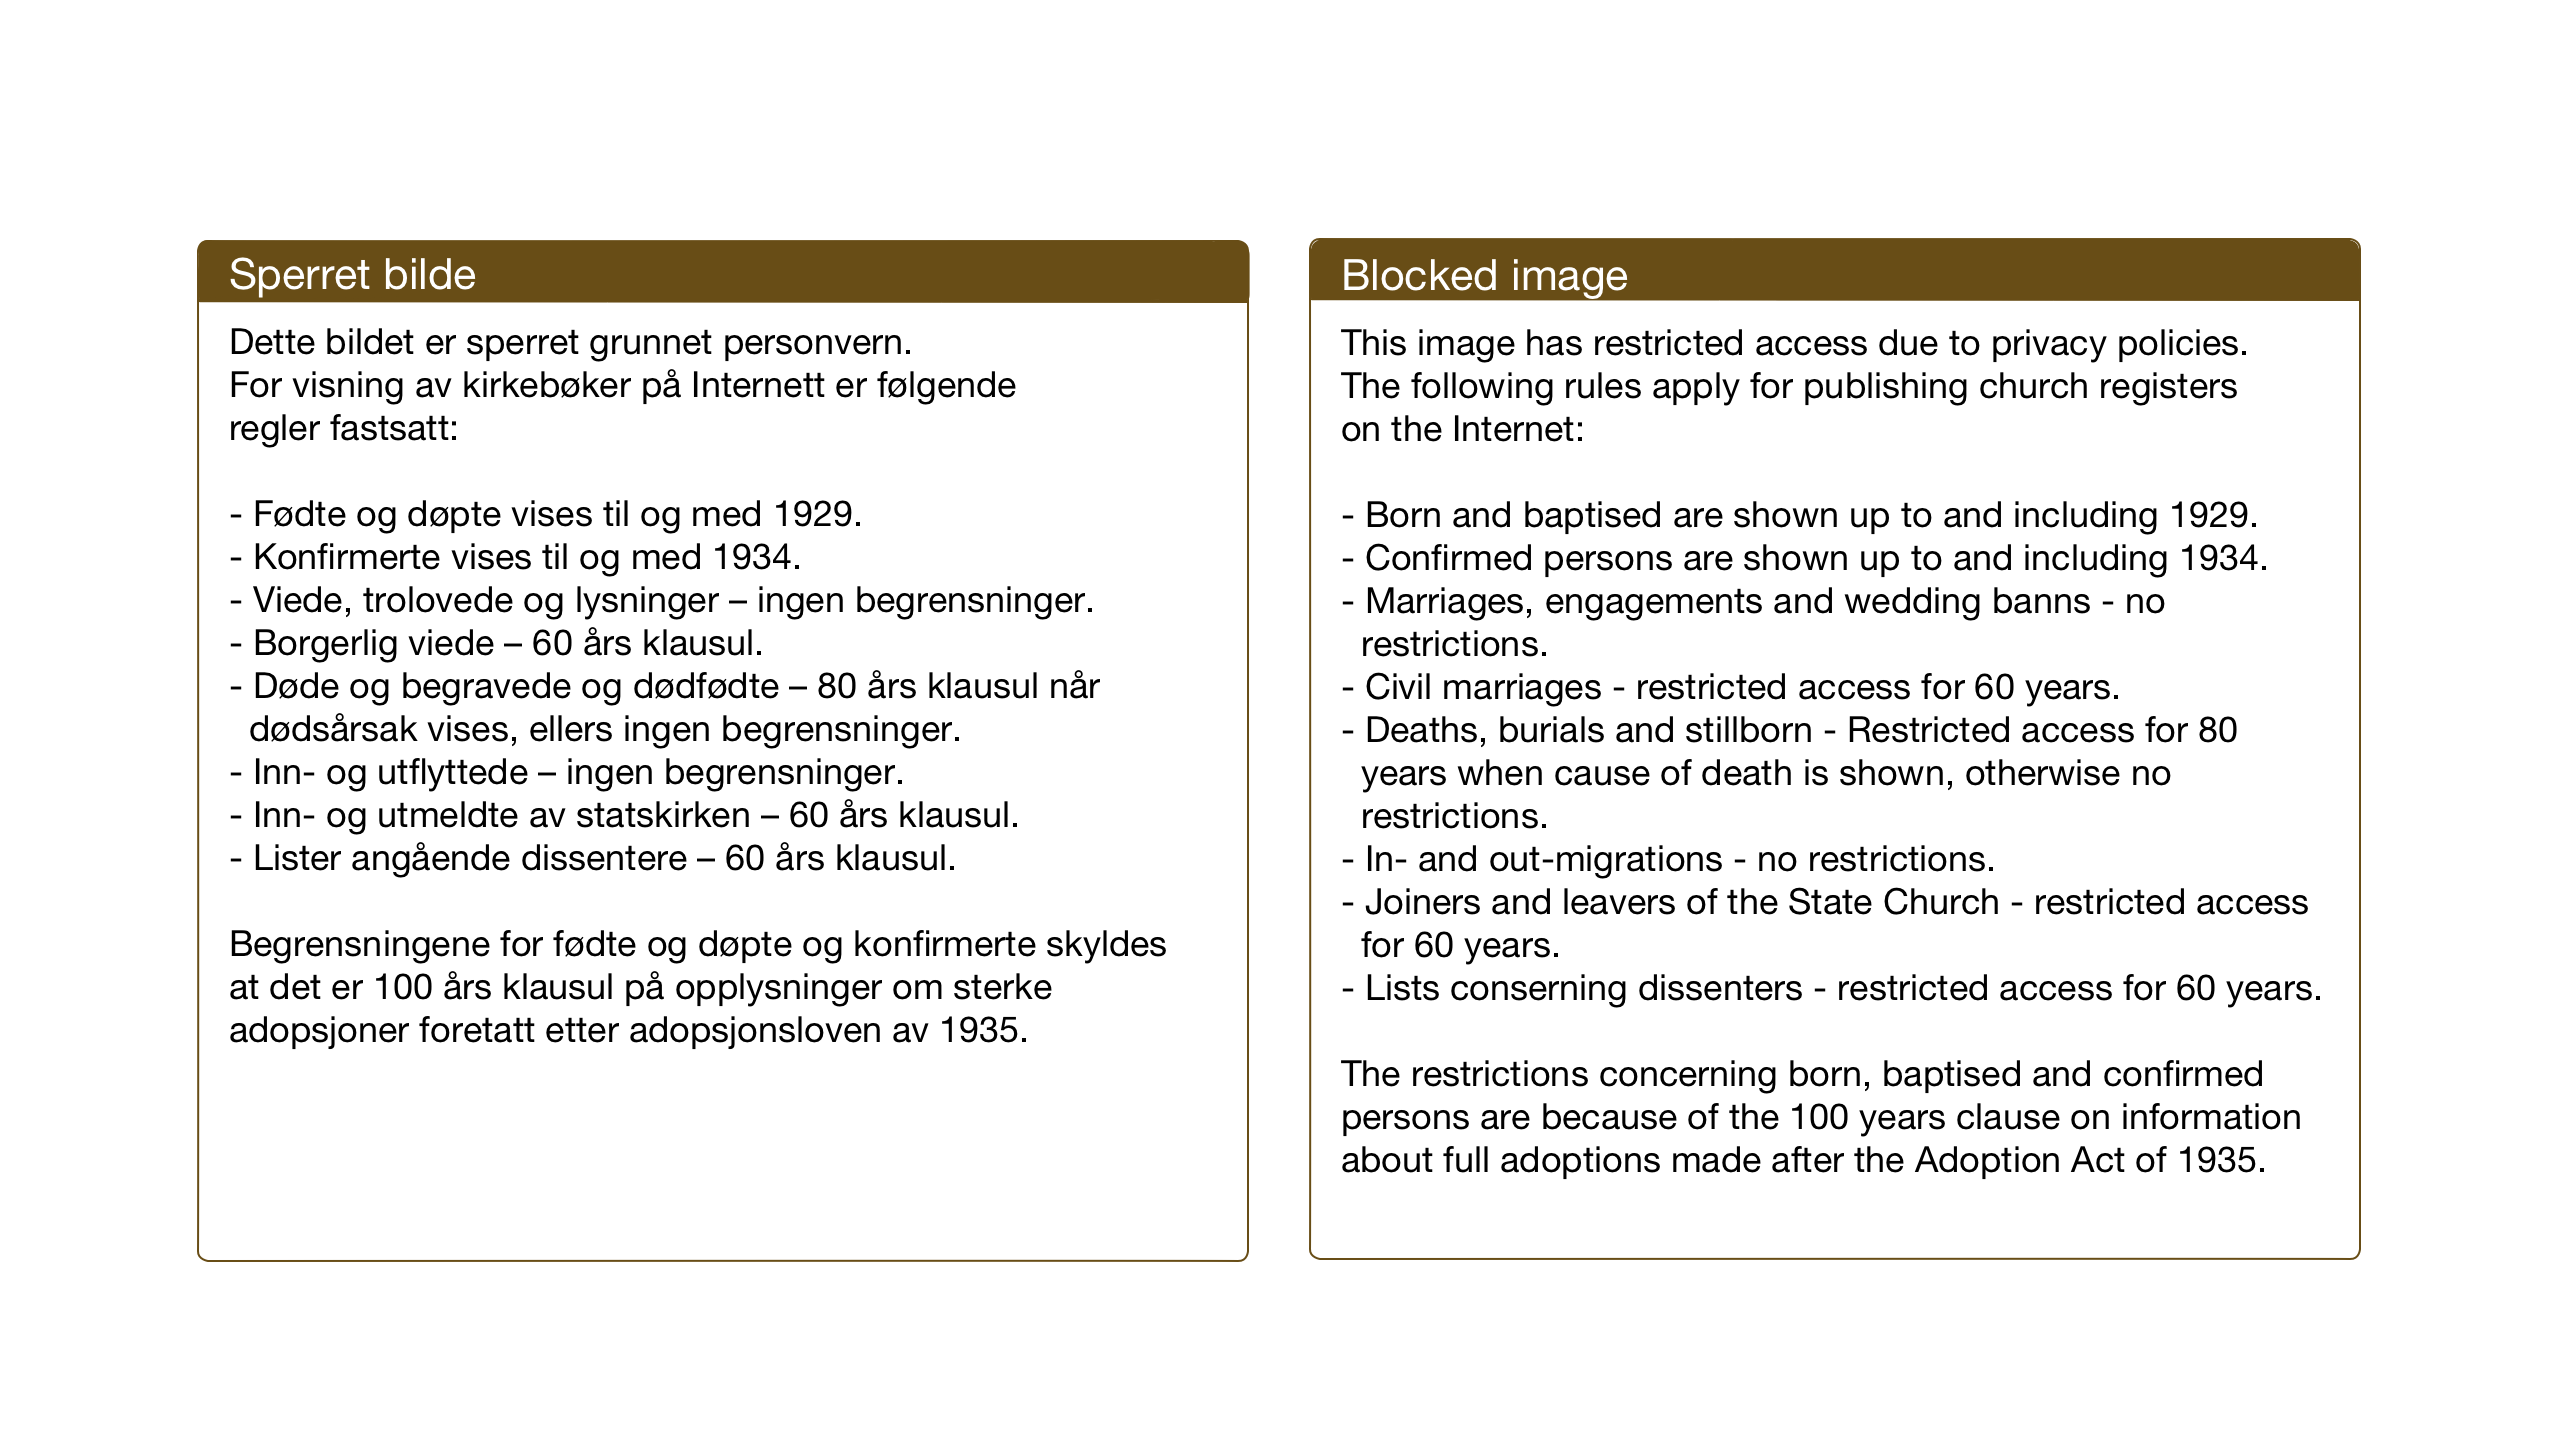 SAT, Ministerialprotokoller, klokkerbøker og fødselsregistre - Sør-Trøndelag, 615/L0401: Klokkerbok nr. 615C02, 1922-1941, s. 56